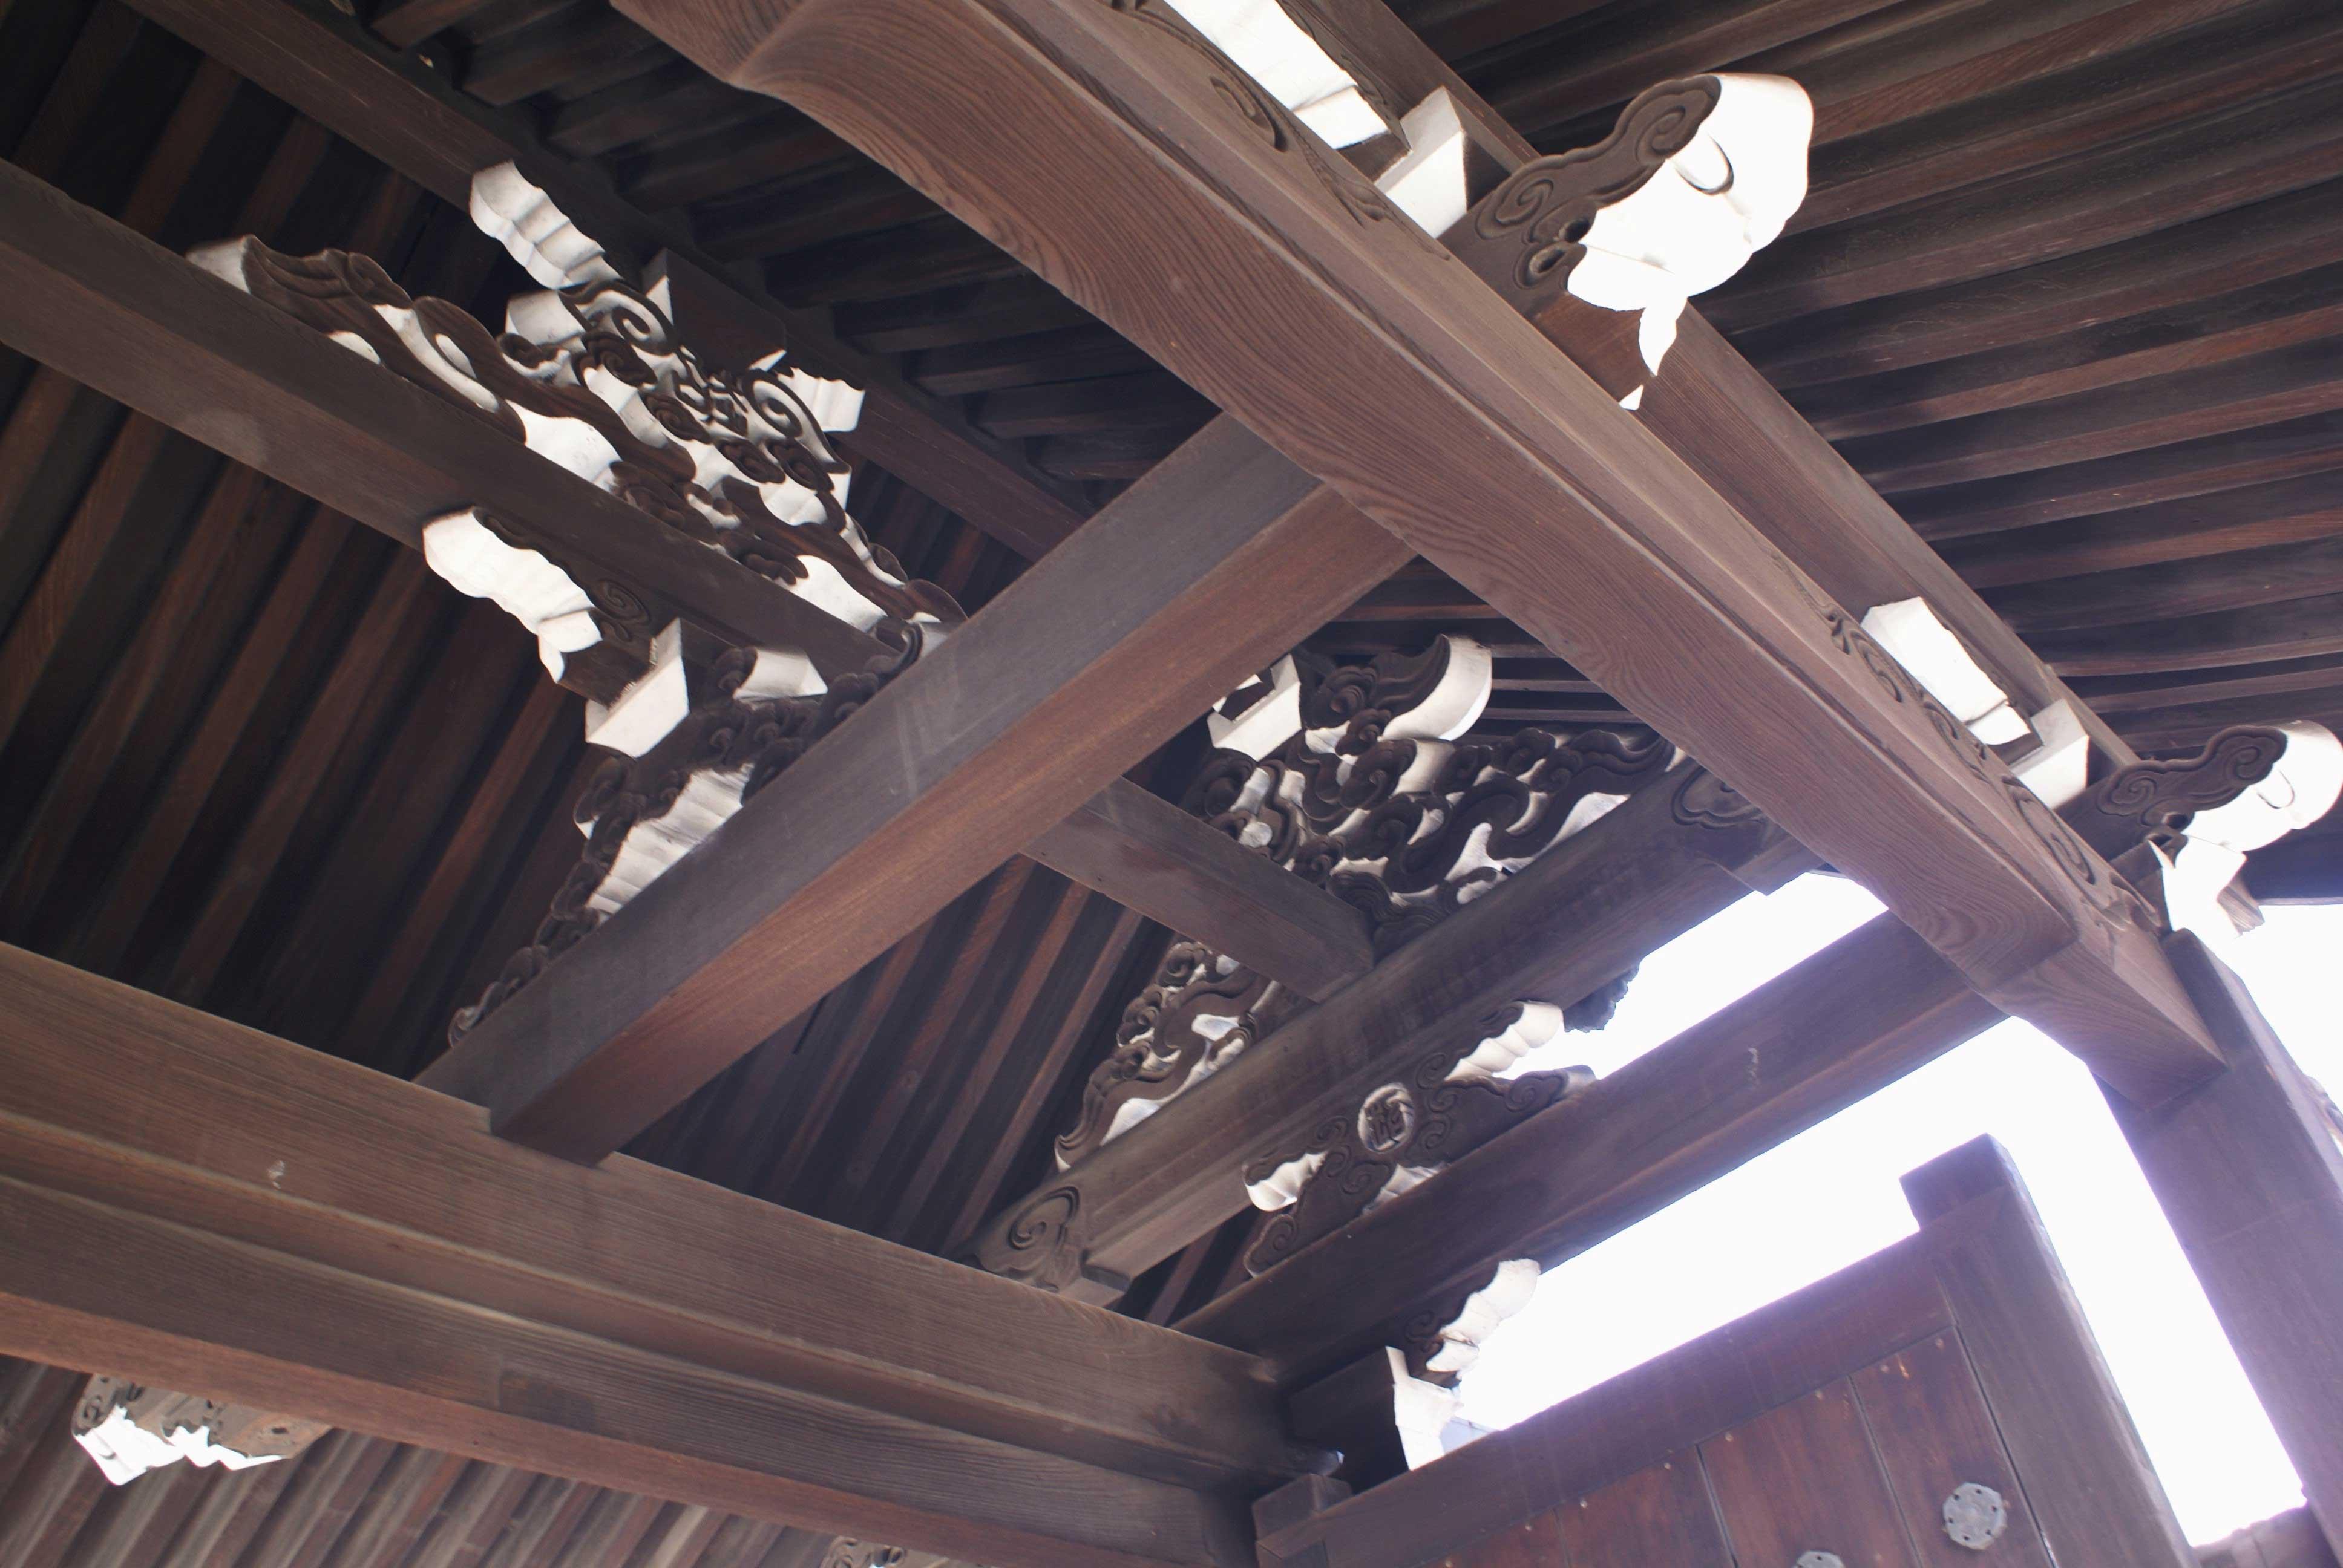 <p>控柱側からの見上げ</p>妻や中備は流水や雲紋風に彫られた蟇股とする。木材本来の色と小口塗装のコントラストが美しい。